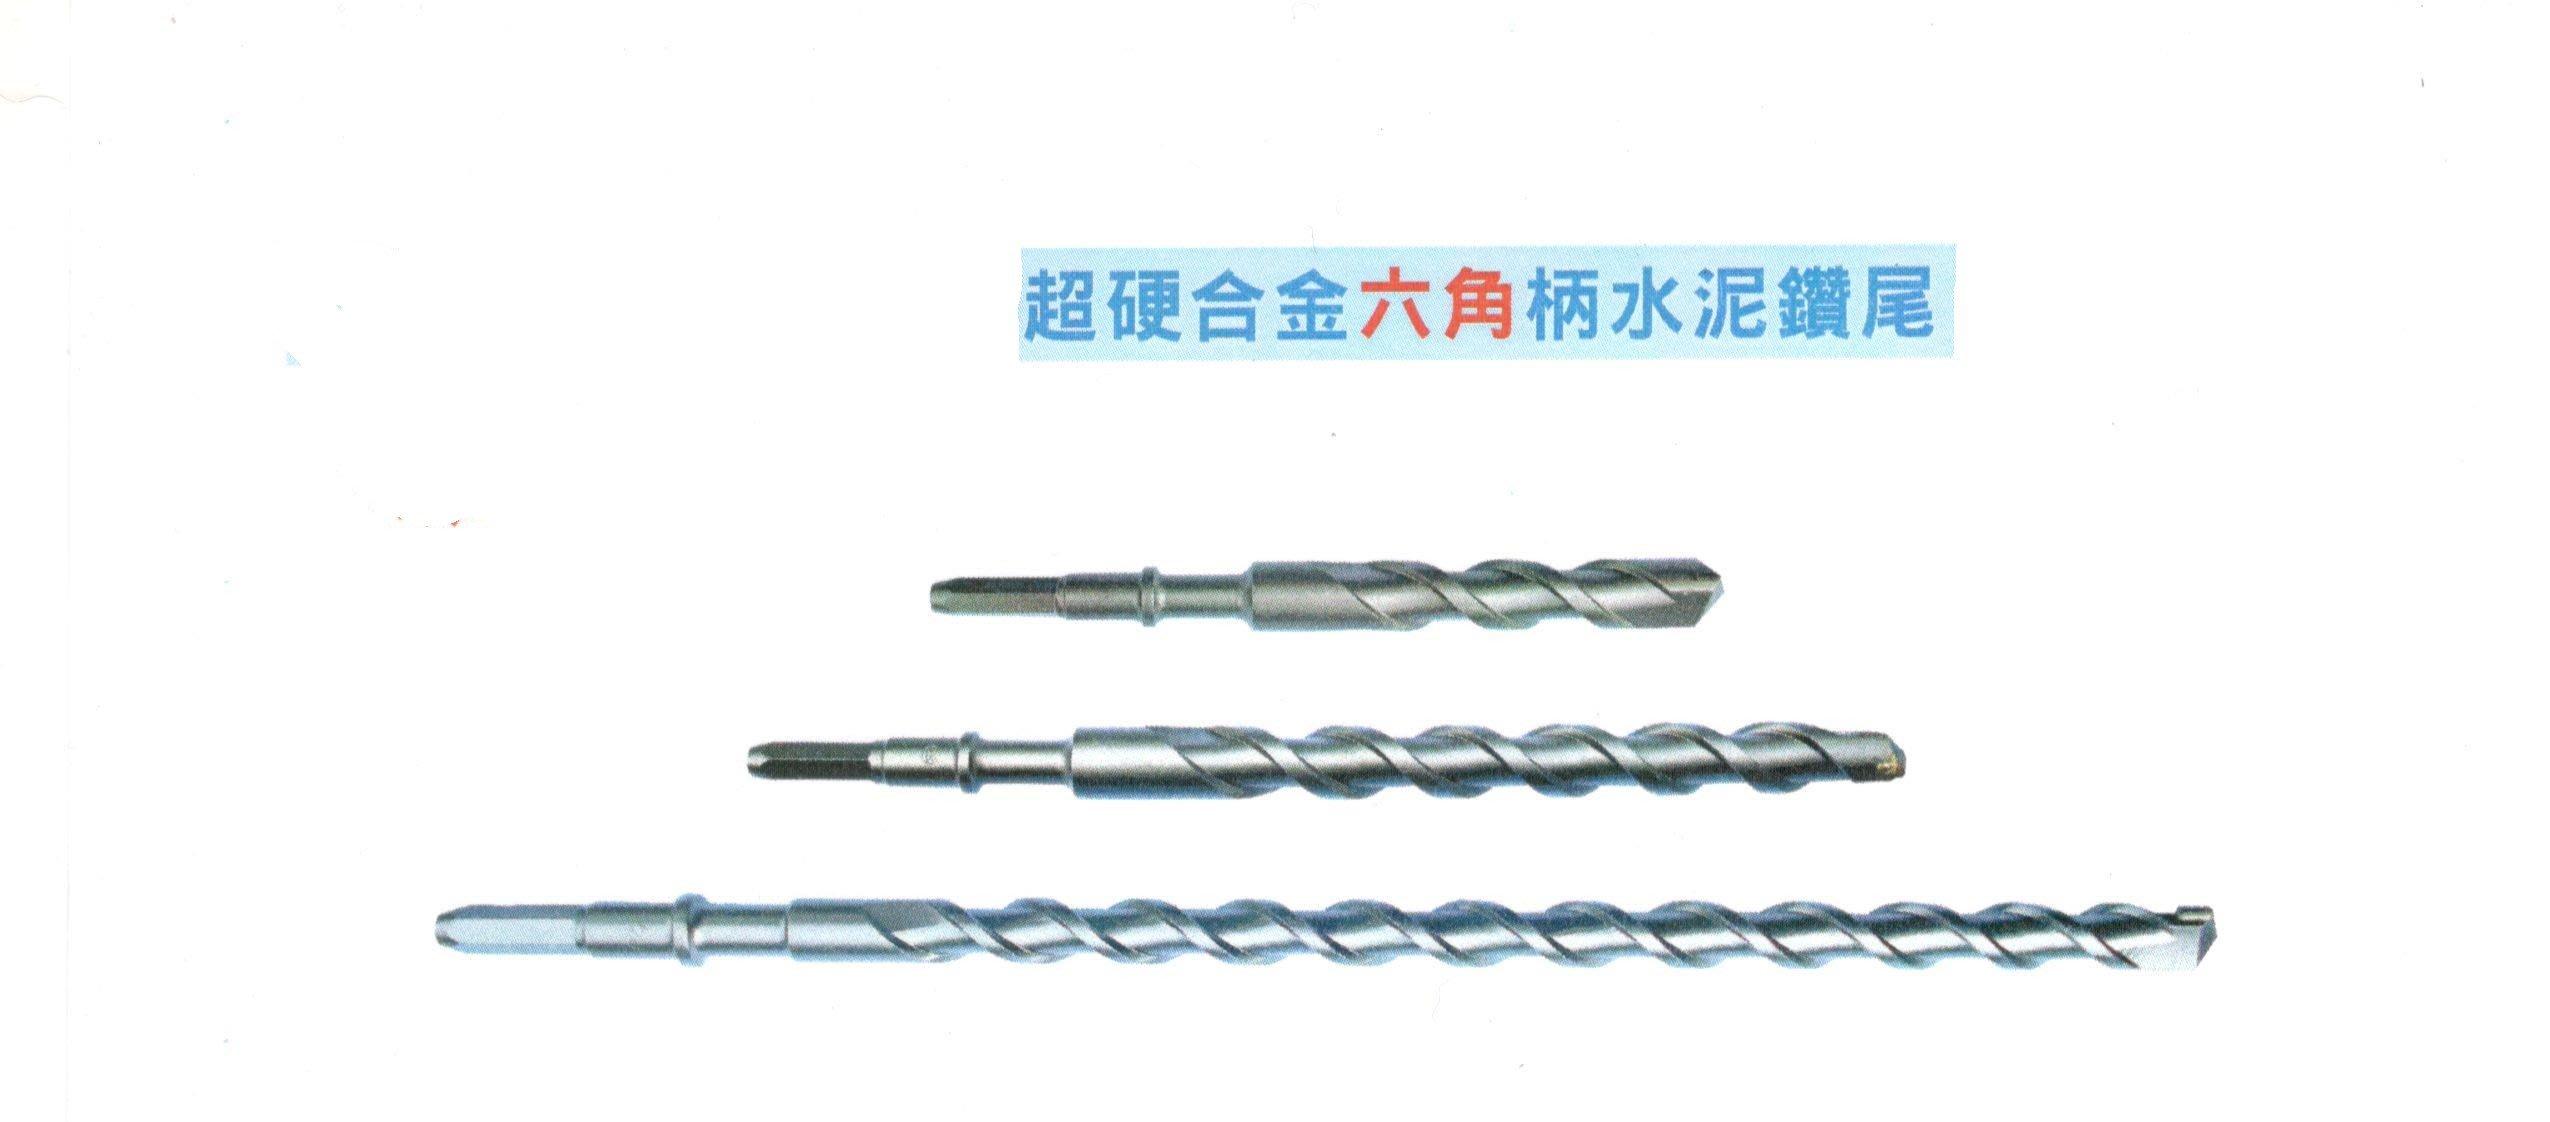 全新 19*505mm 6分 六角軸 水泥鑽頭/水泥鑽尾-電鎚鑽六角軸水泥鑽尾-超硬合金六角柄水泥鑽尾